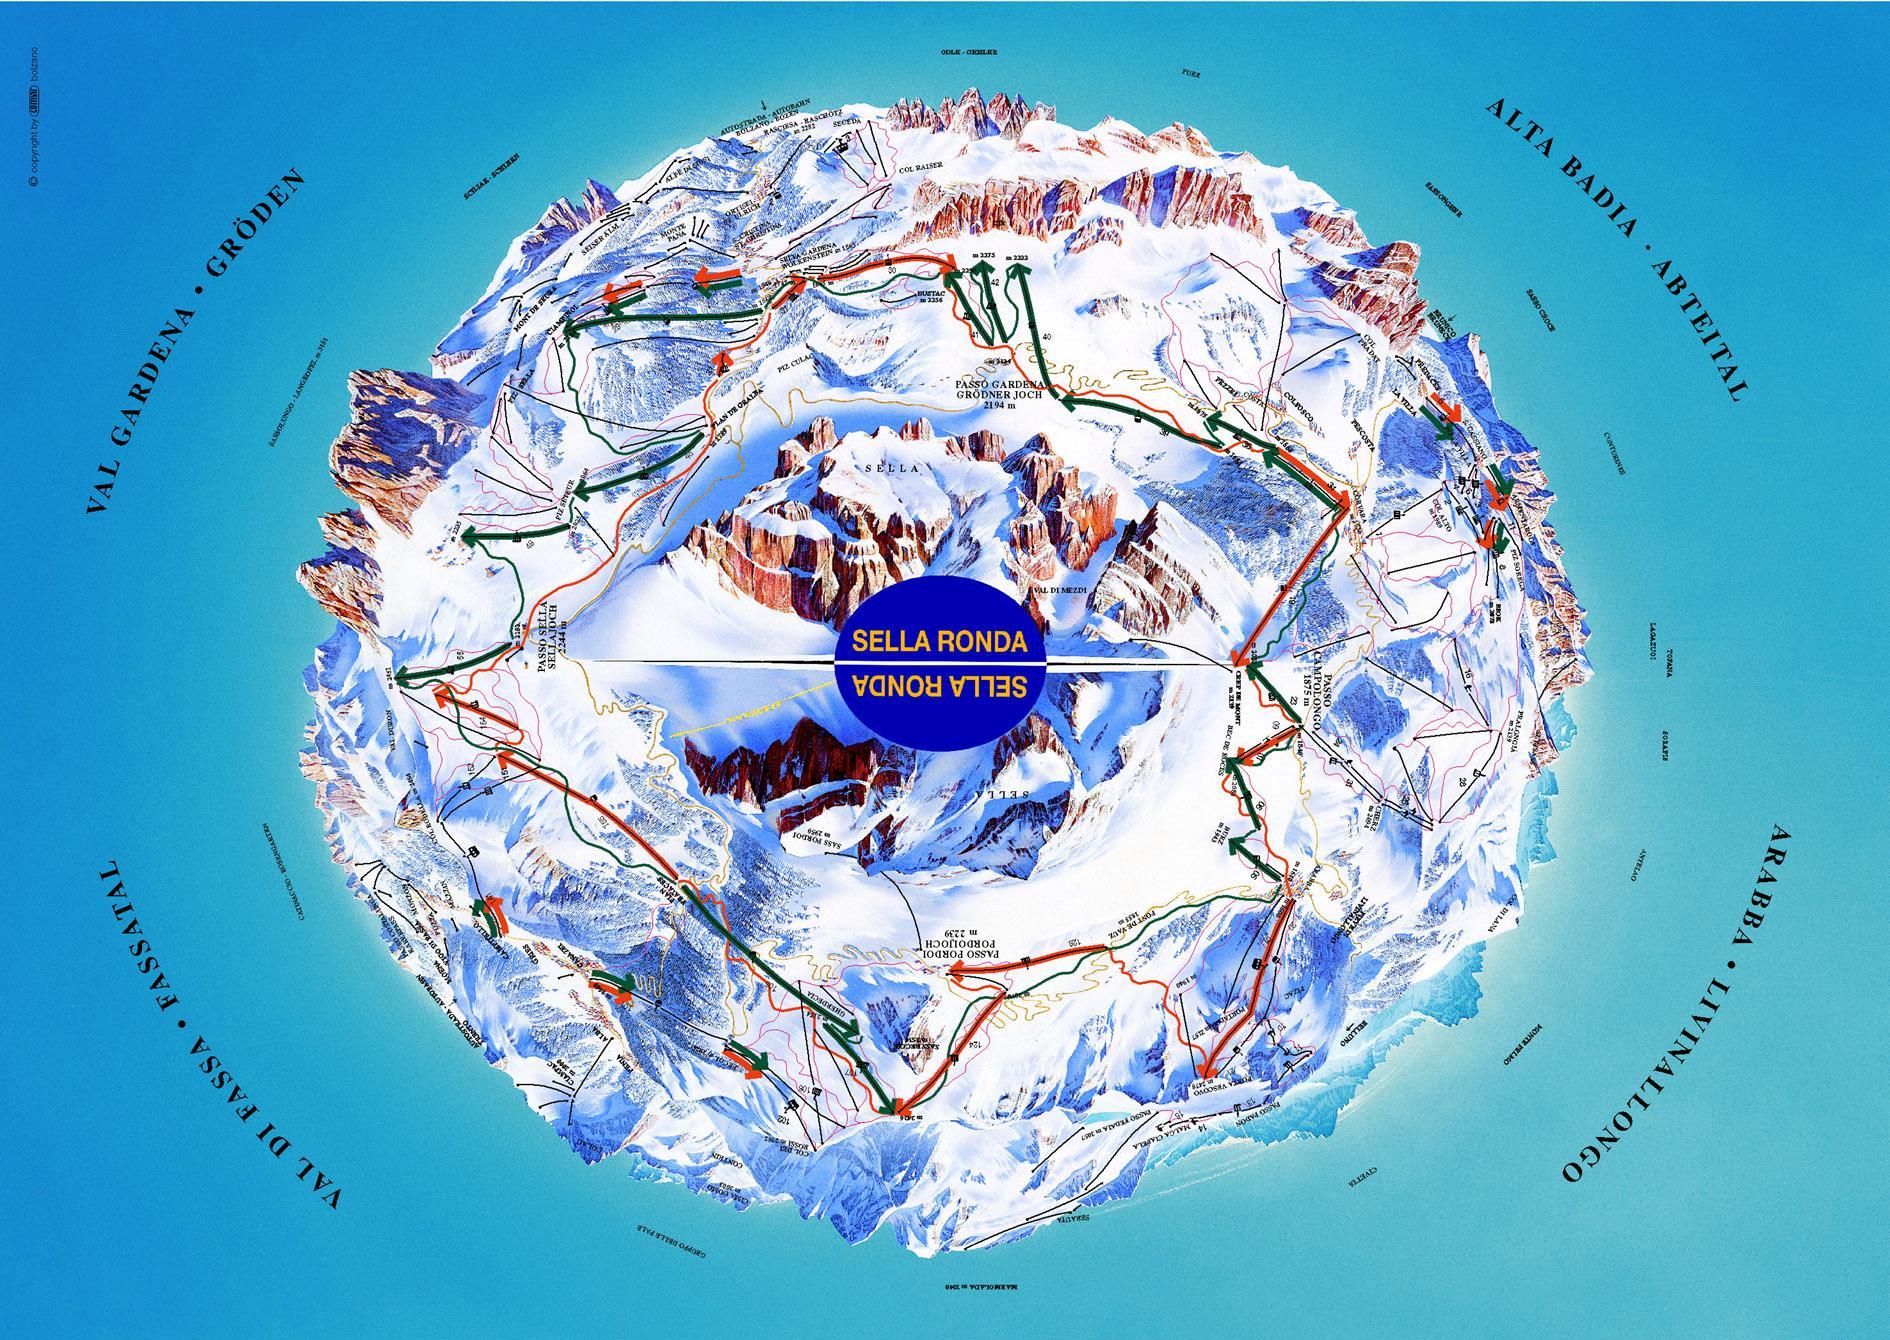 מפת מסלולים - סלה רונדה